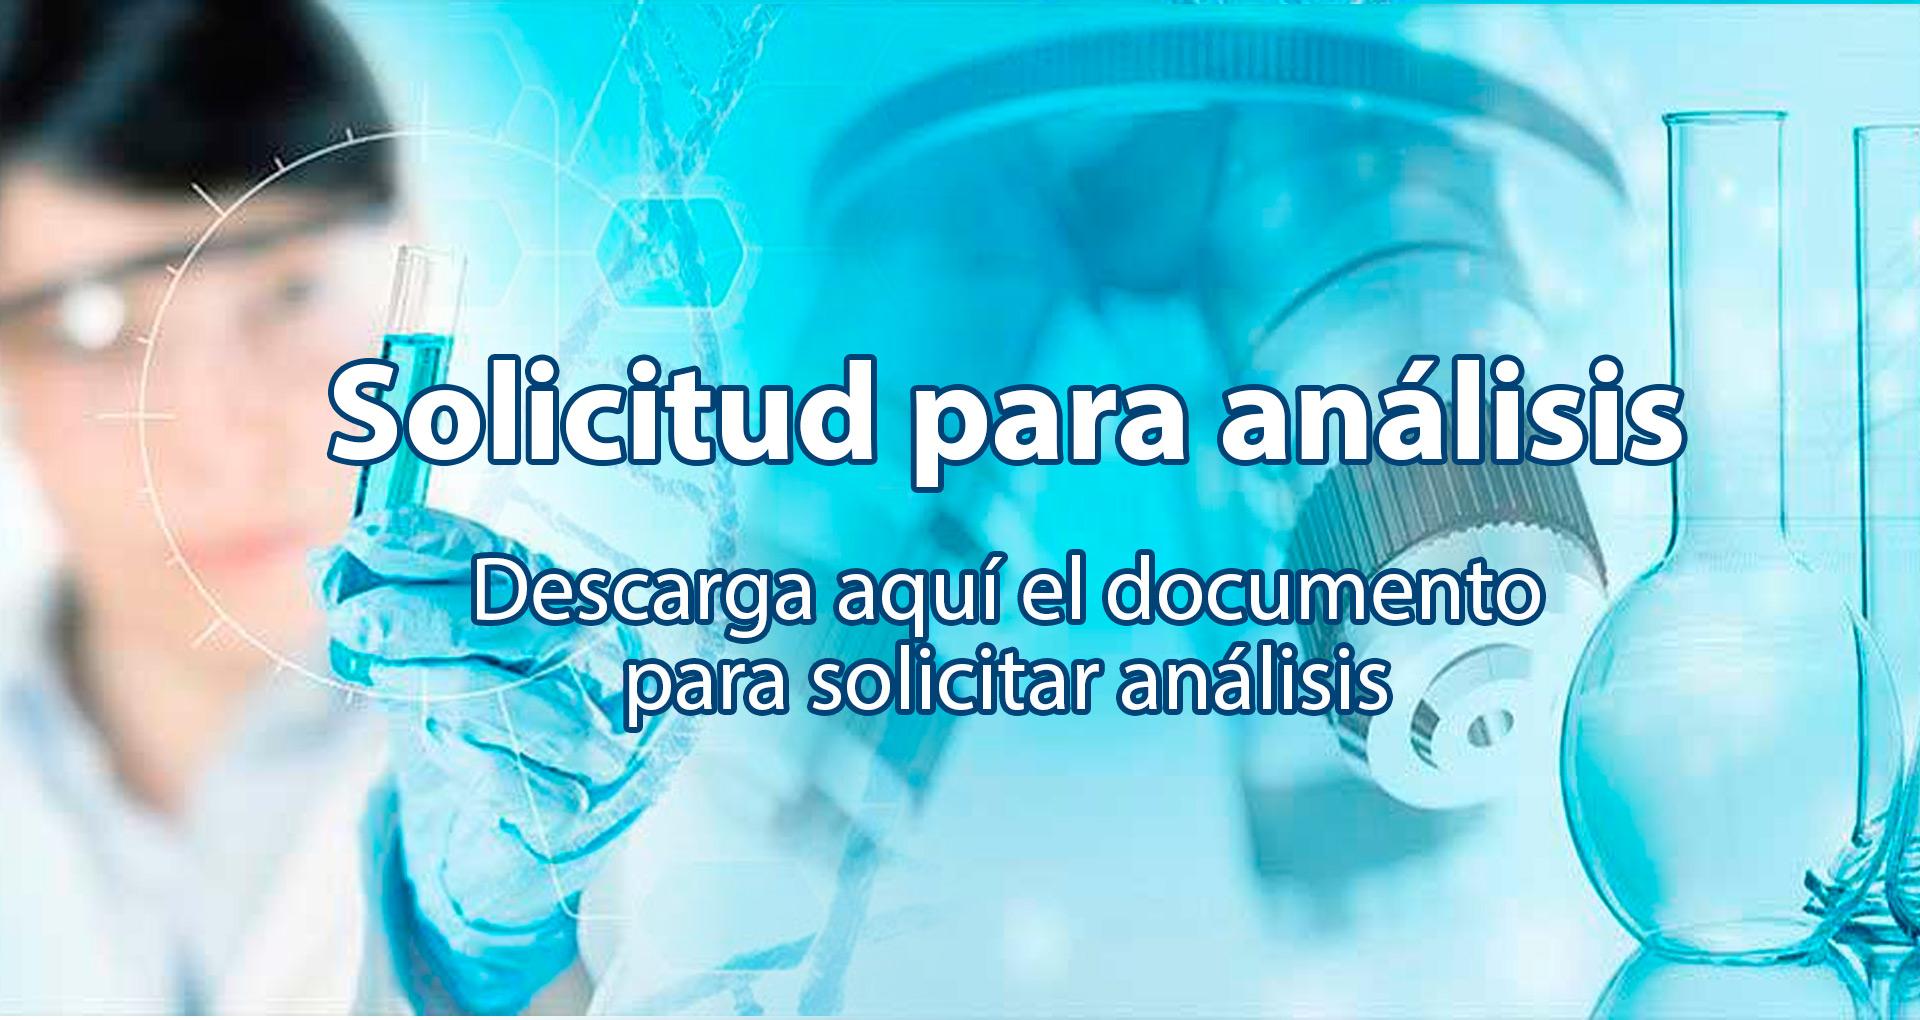 LECC SOLICITUD ANÁLISIS